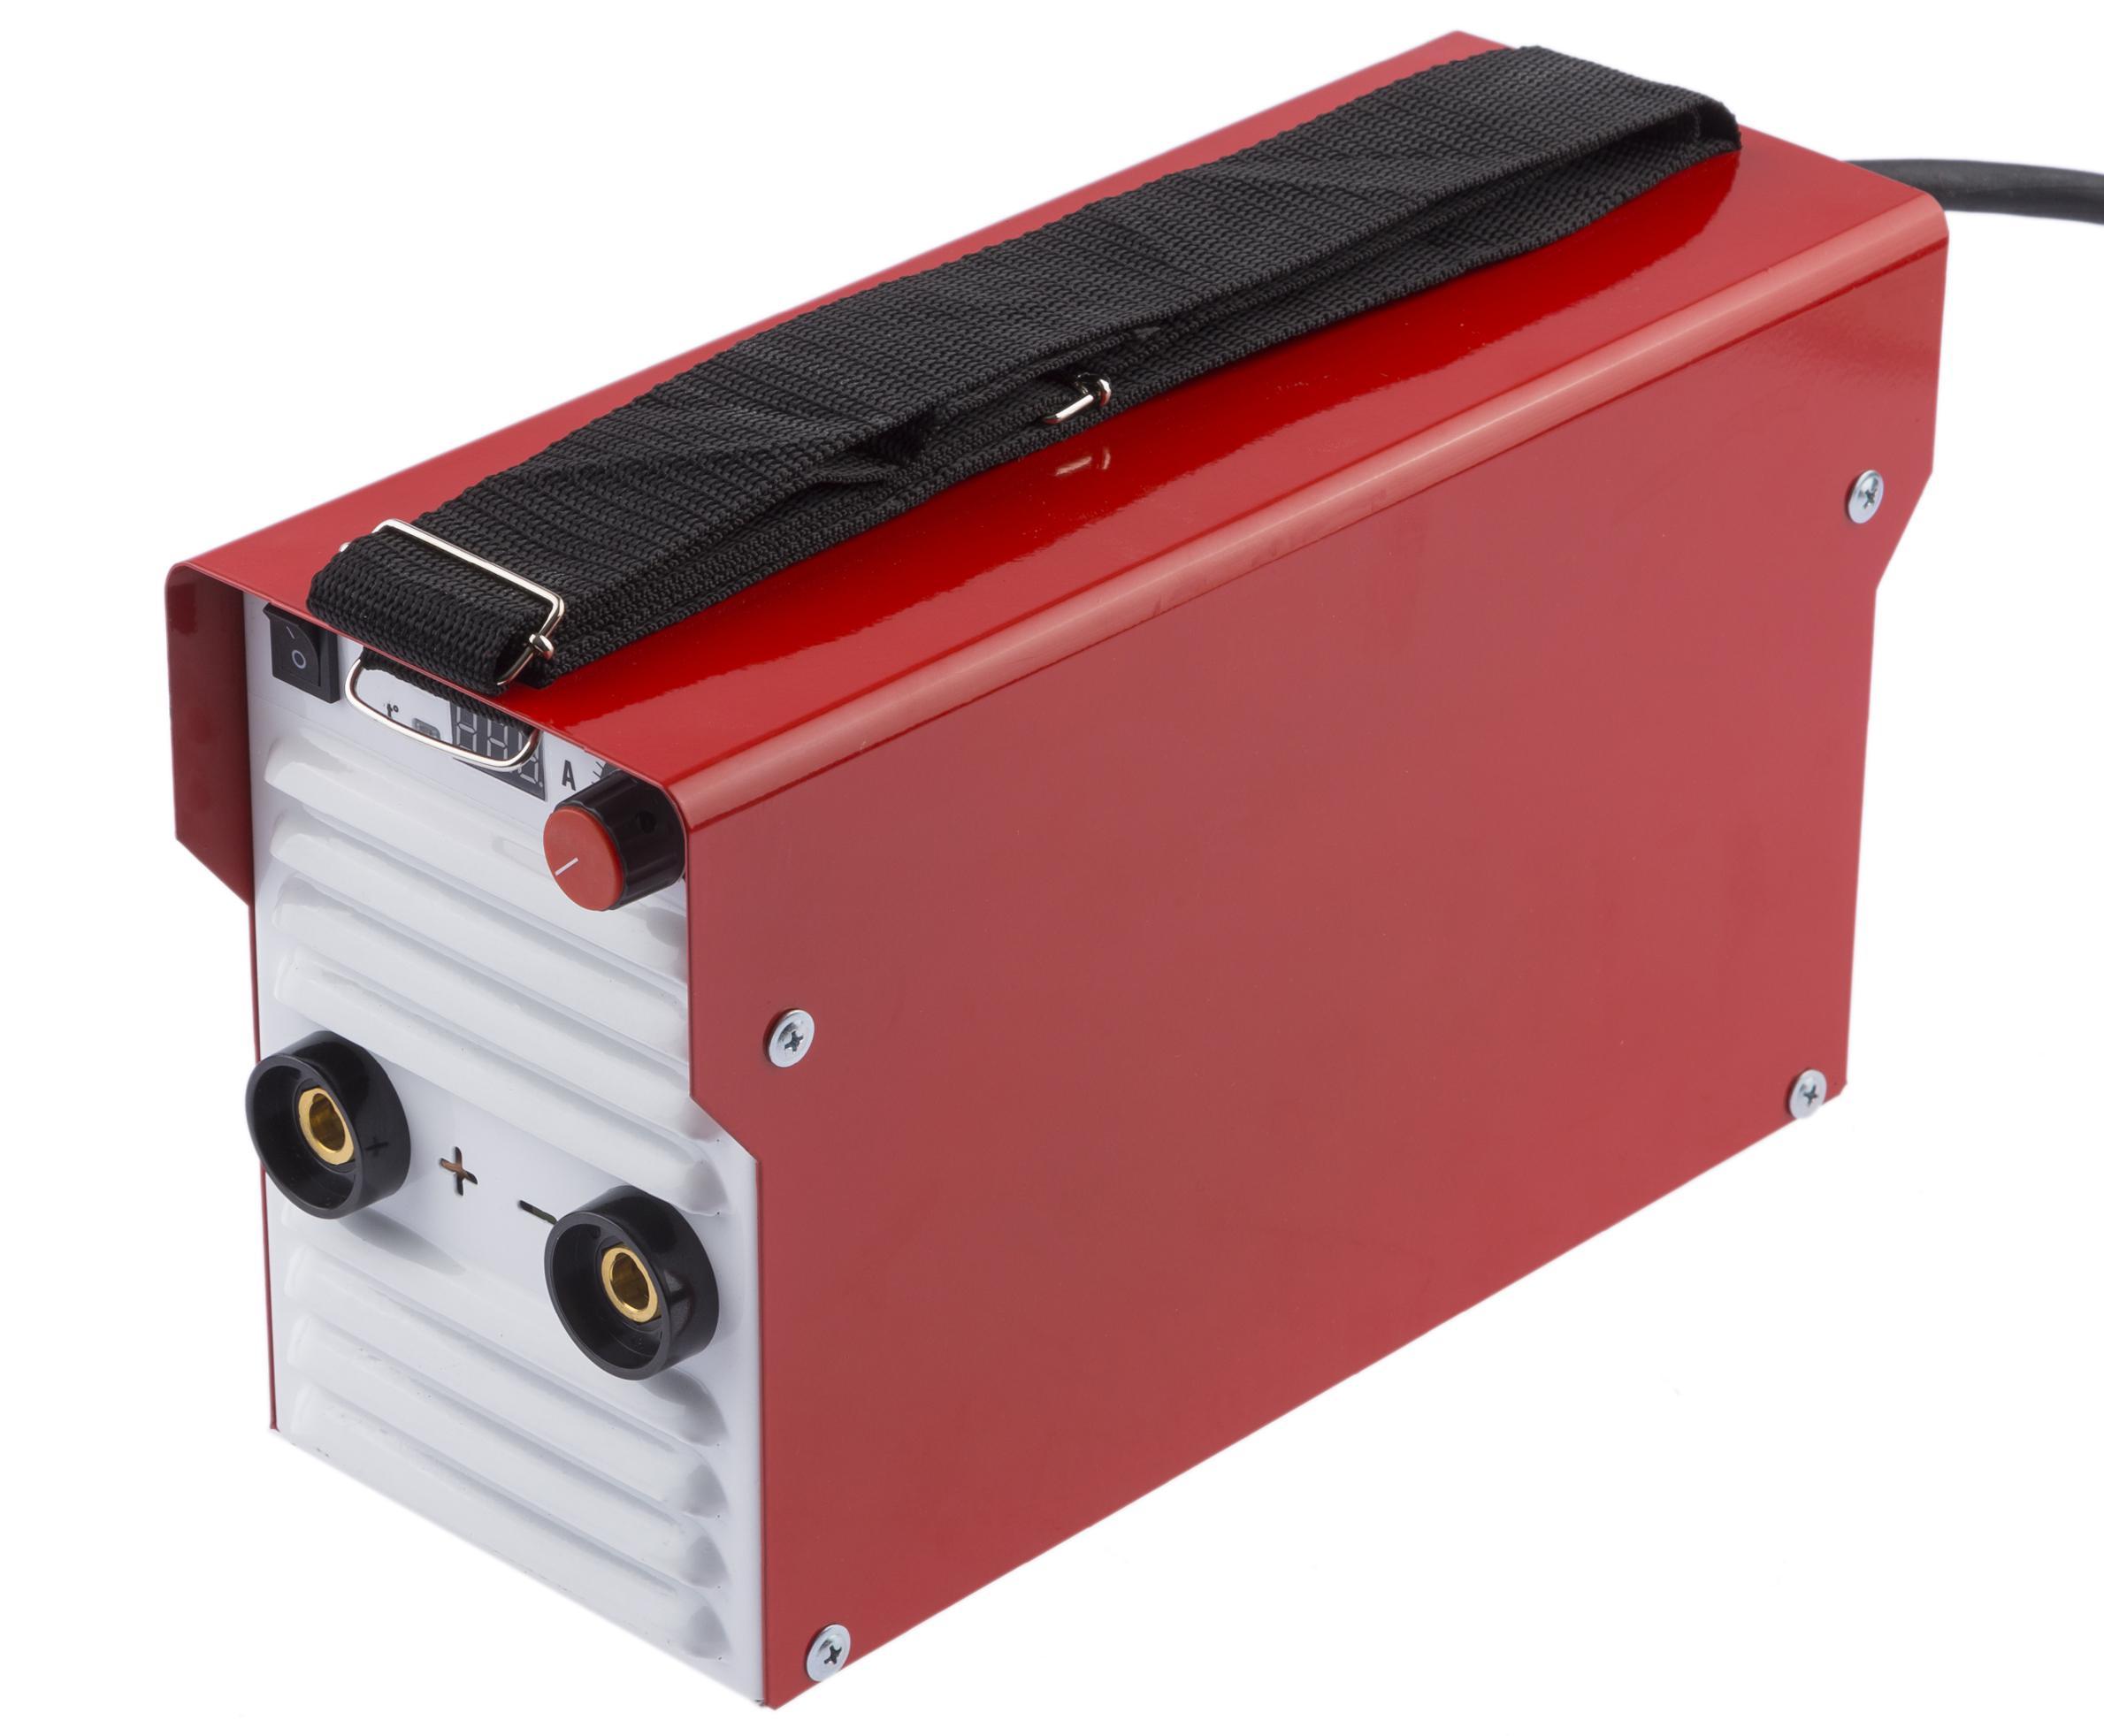 Сварочный аппарат ТОРУС 200с СУПЕР + провода bosch выпрямитель phs8667 33вт черный макс темп 200с